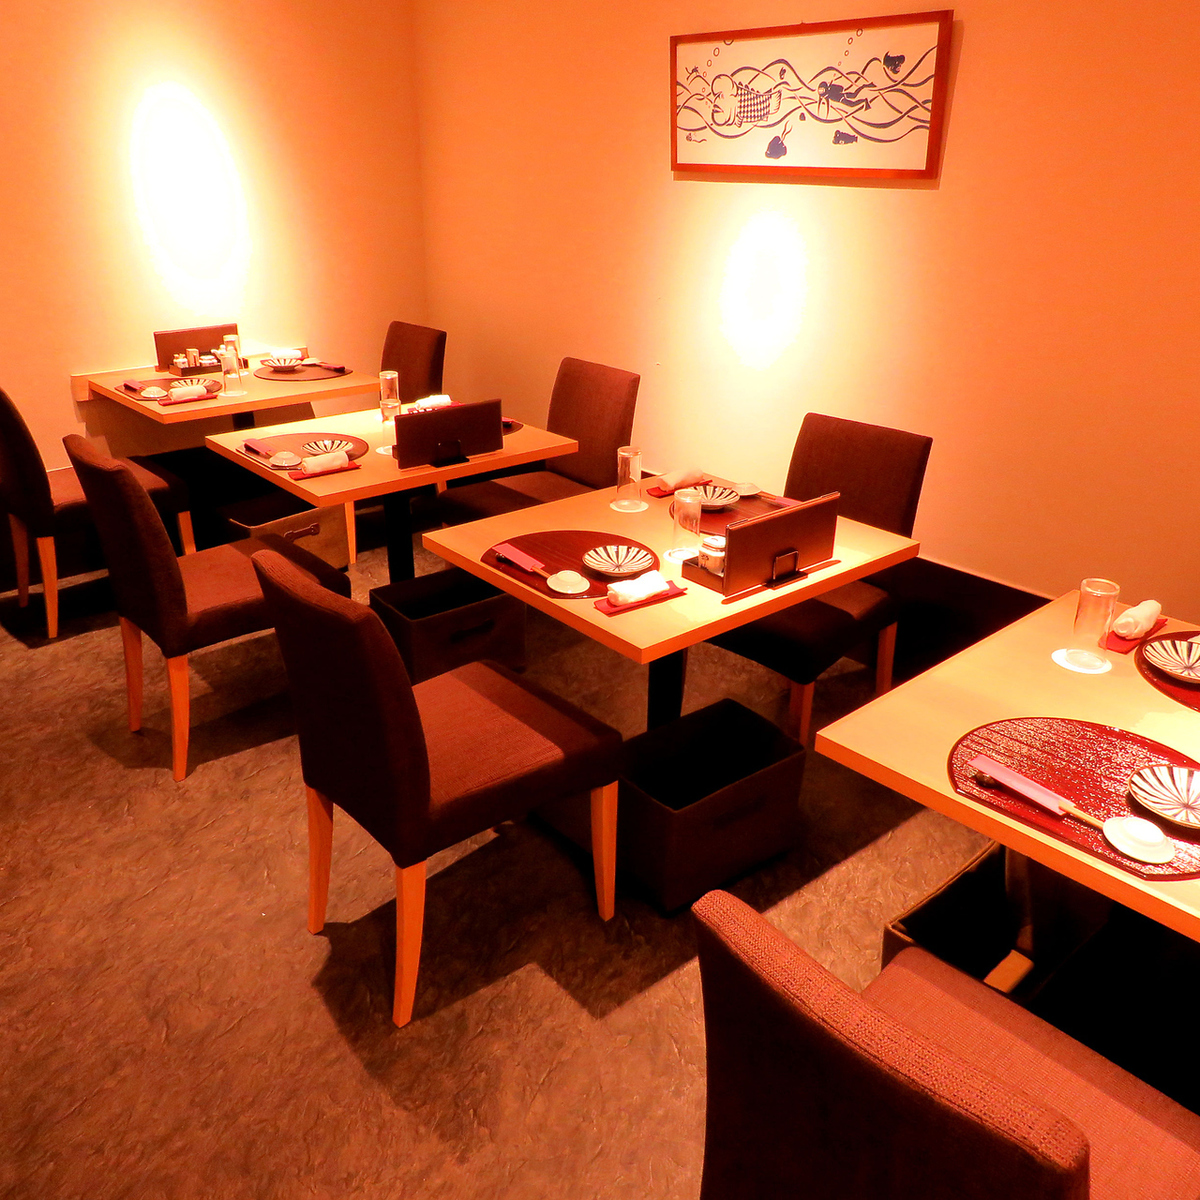 8 명까지 같은 자리에서 휴식을 취할 수 있습니다.최고급 요리를 차분한 분위기에서 즐기실 수 있습니다.